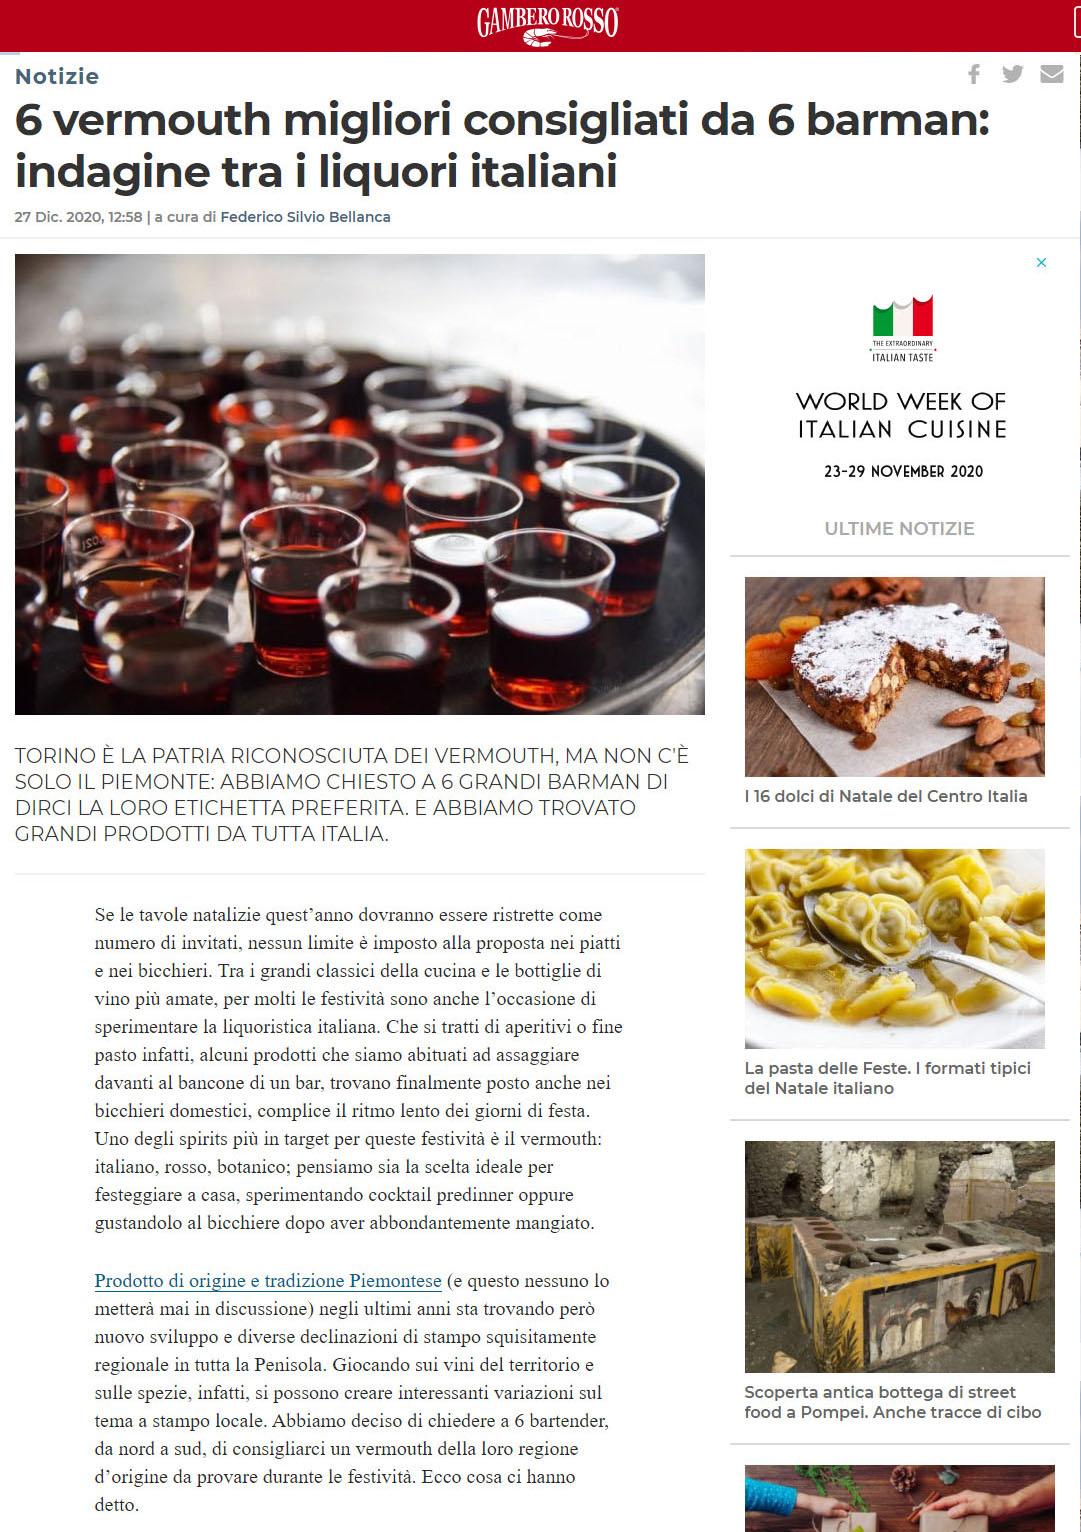 2020 dicembre 27: 6 vermouth migliori consigliati da 6 barman: indagine tra i liquori italiani